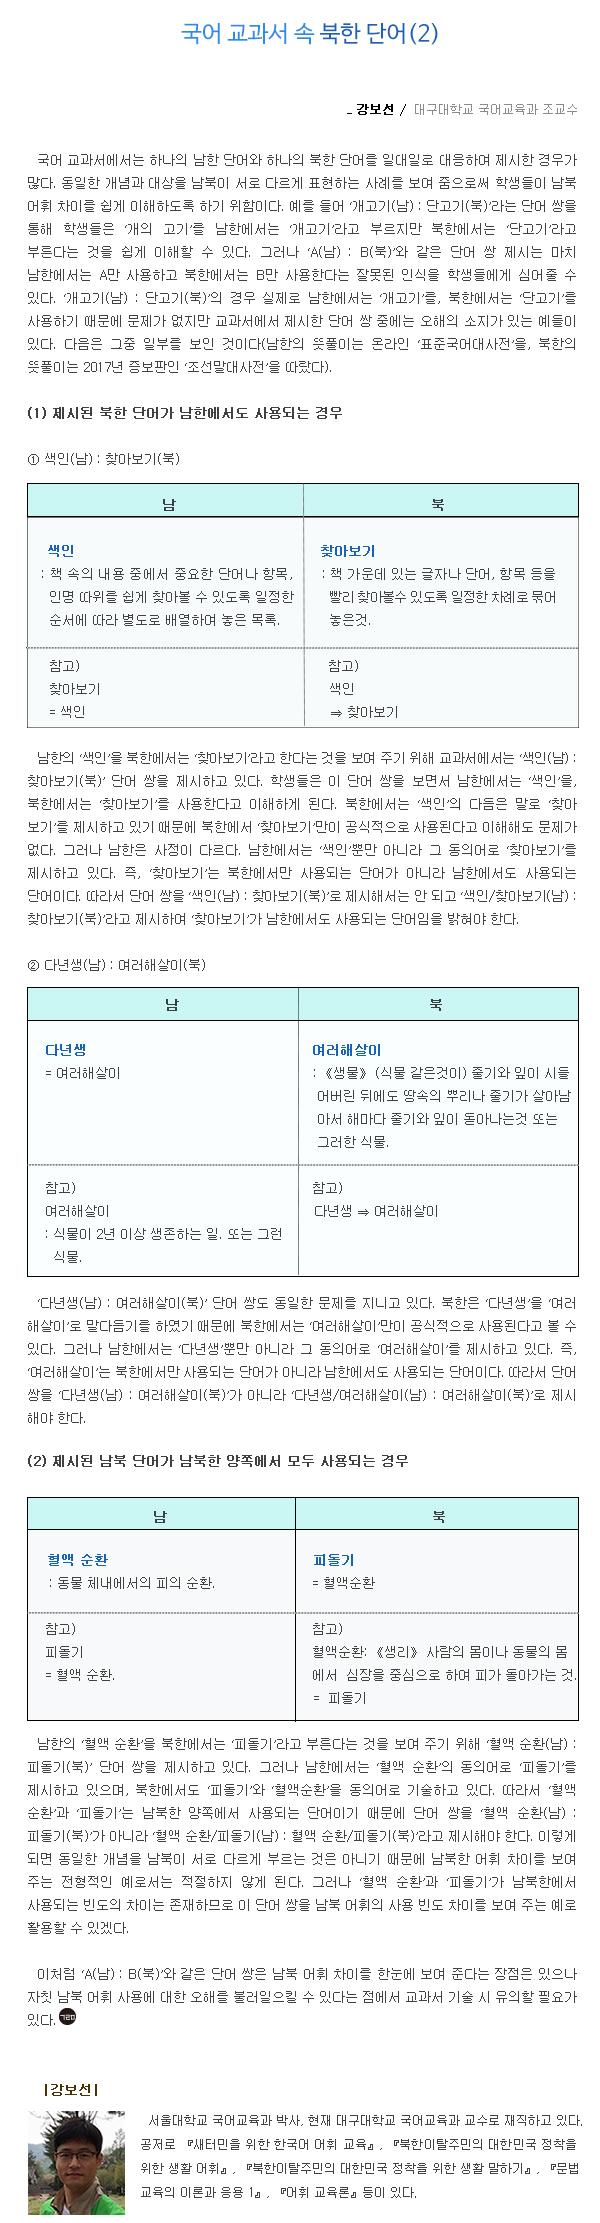 남녘말-북녘말_강보선(2)_180918.jpg